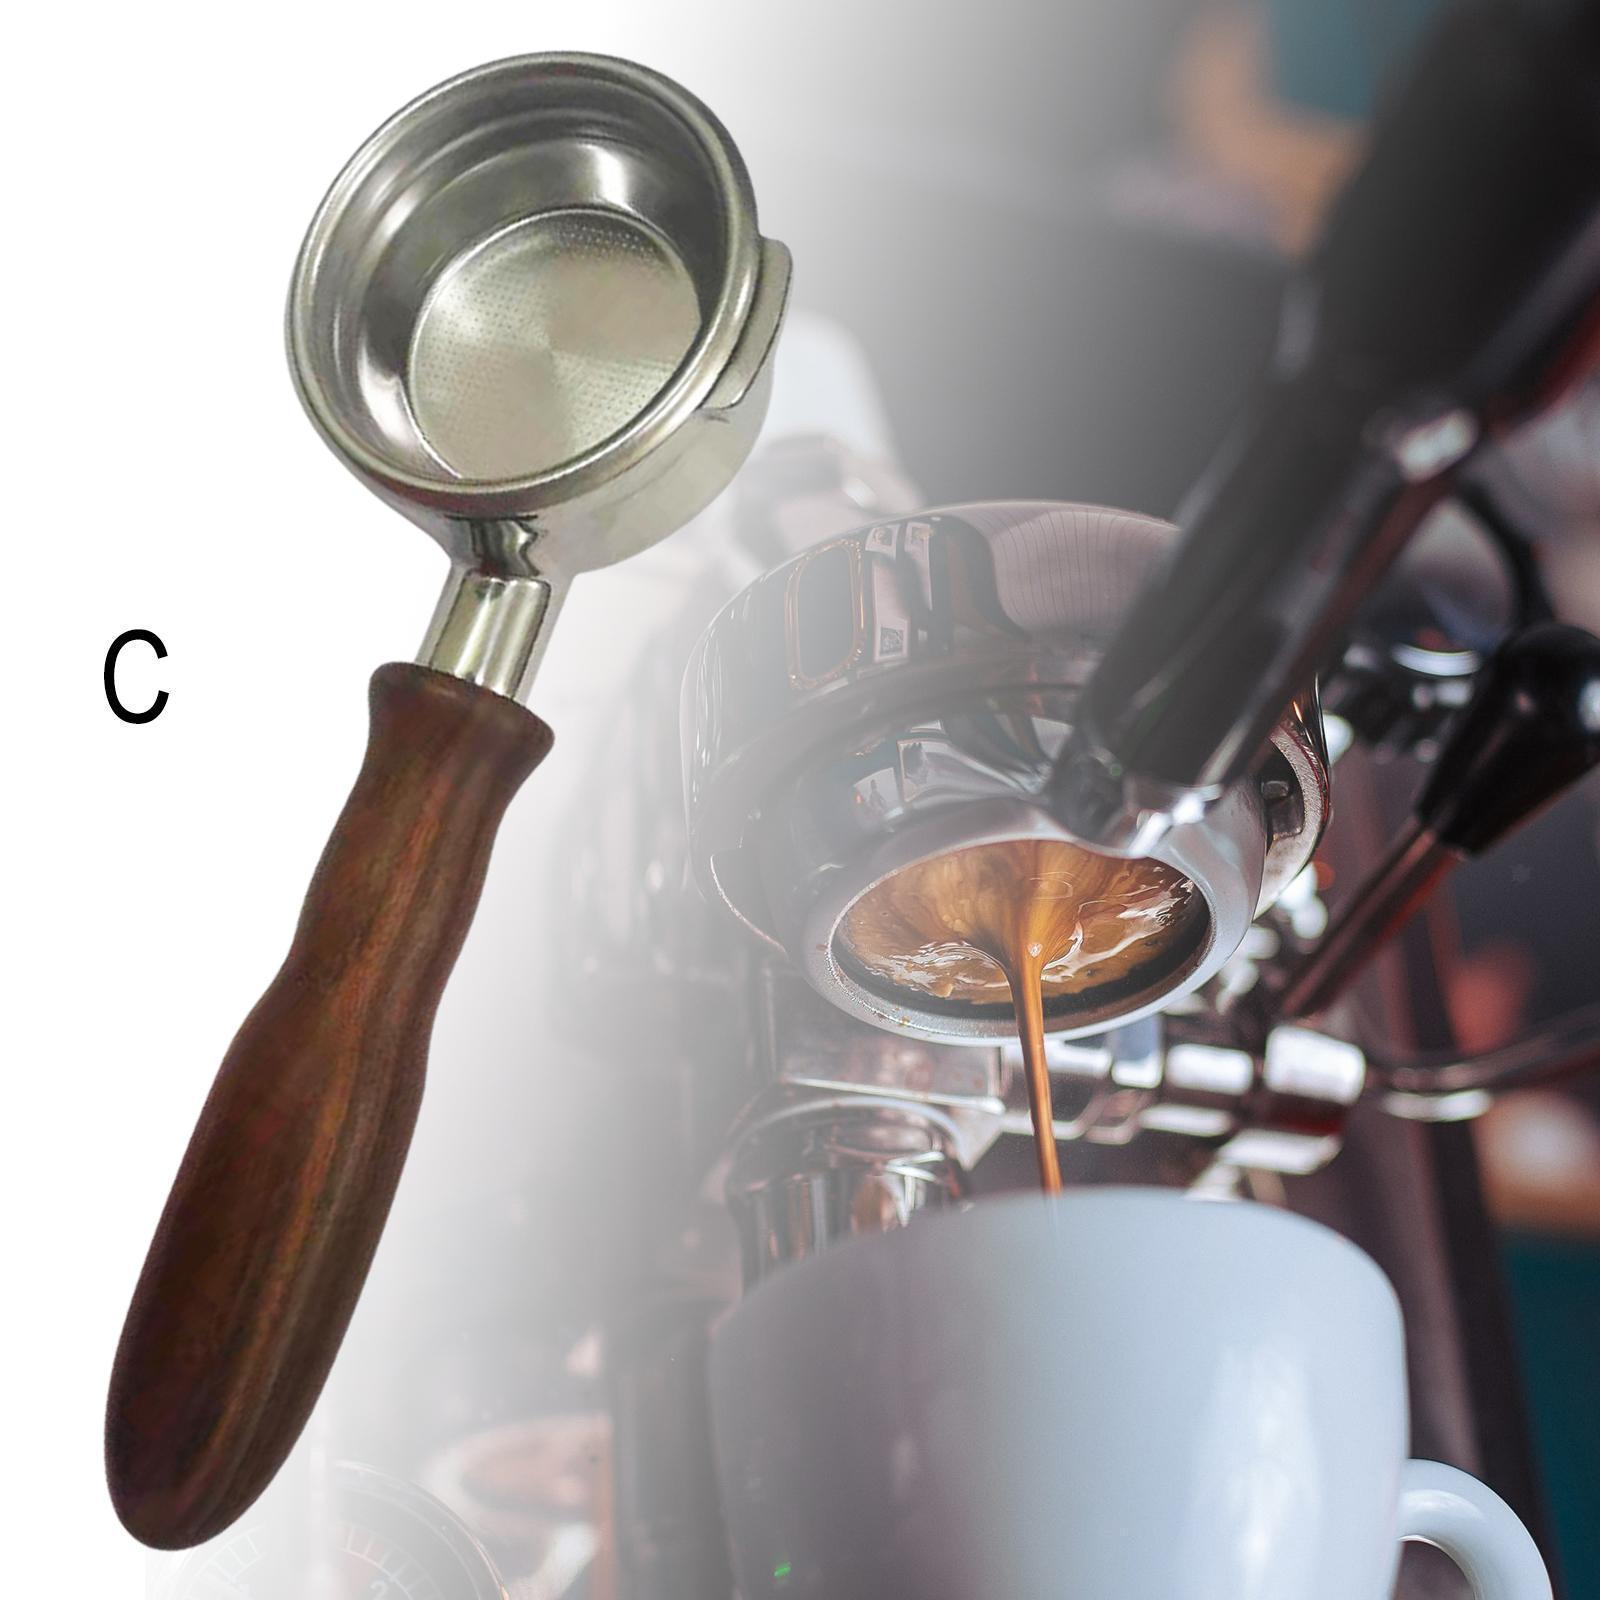 Indexbild 9 - 58mm Kaffee Siebträger ohne Boden für Breville BES920/980 Werkzeug